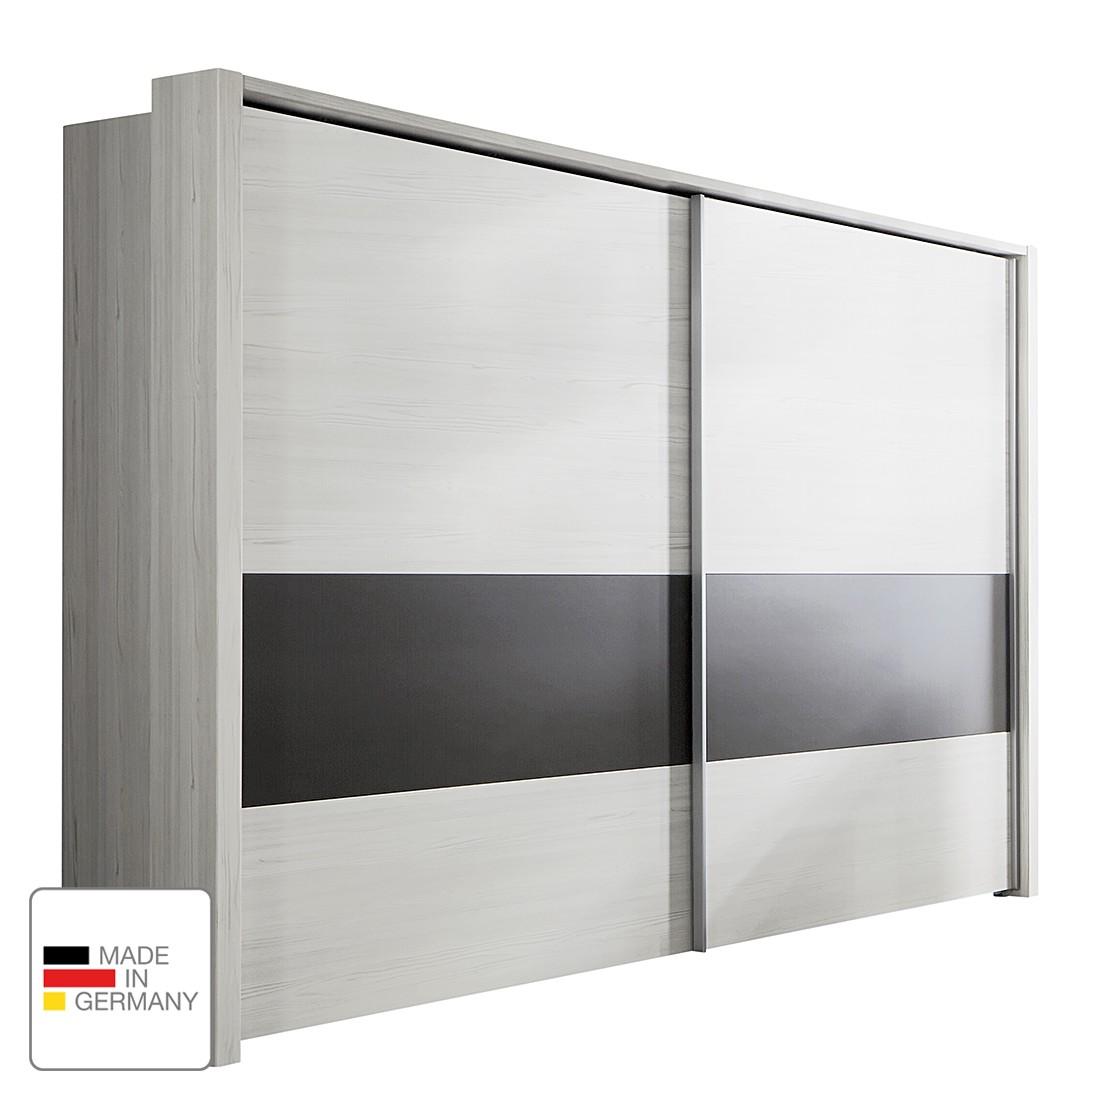 Schwebetürenschrank Lissabon - Polar Lärche Dekor/Havanna - 300 cm (2-türig) - Mit Passepartoutrahmen, Althoff